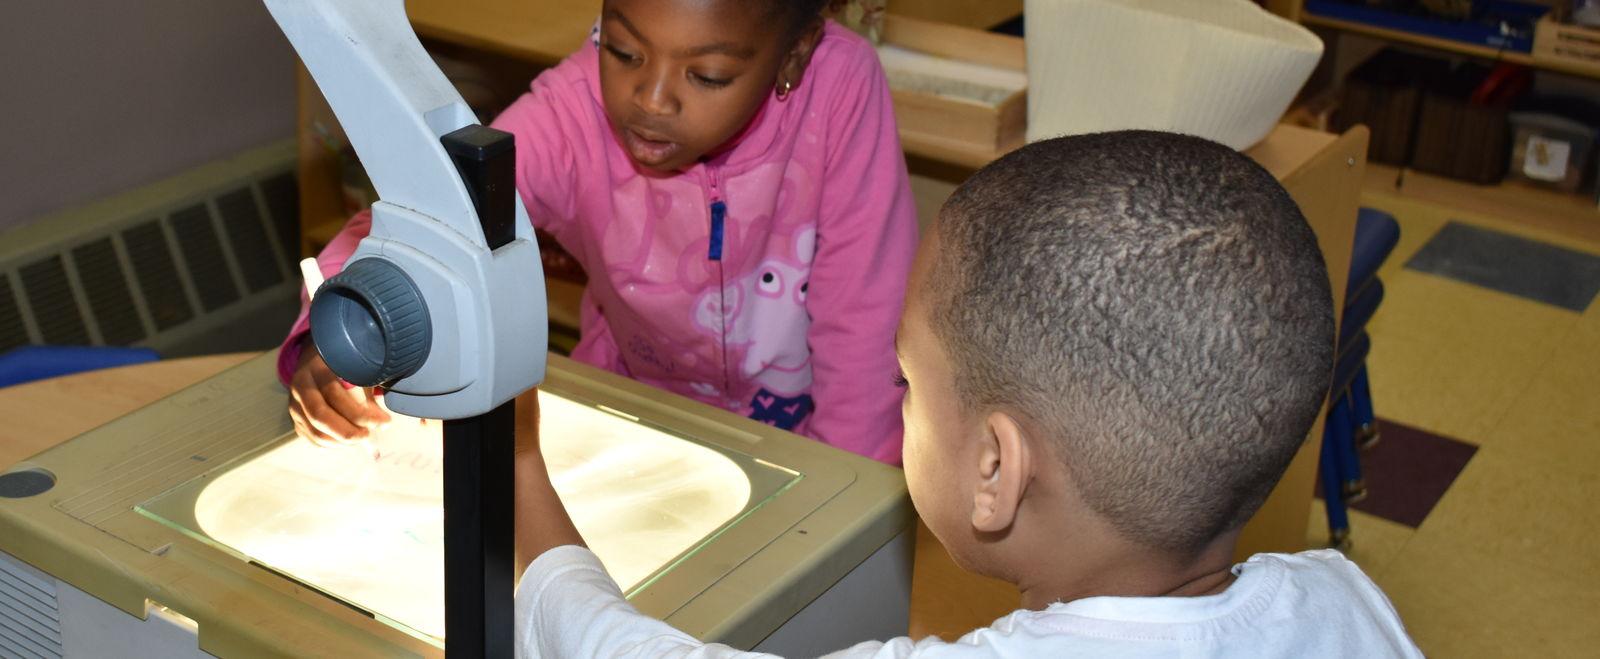 Two kids writing on an overhead projector in preschool